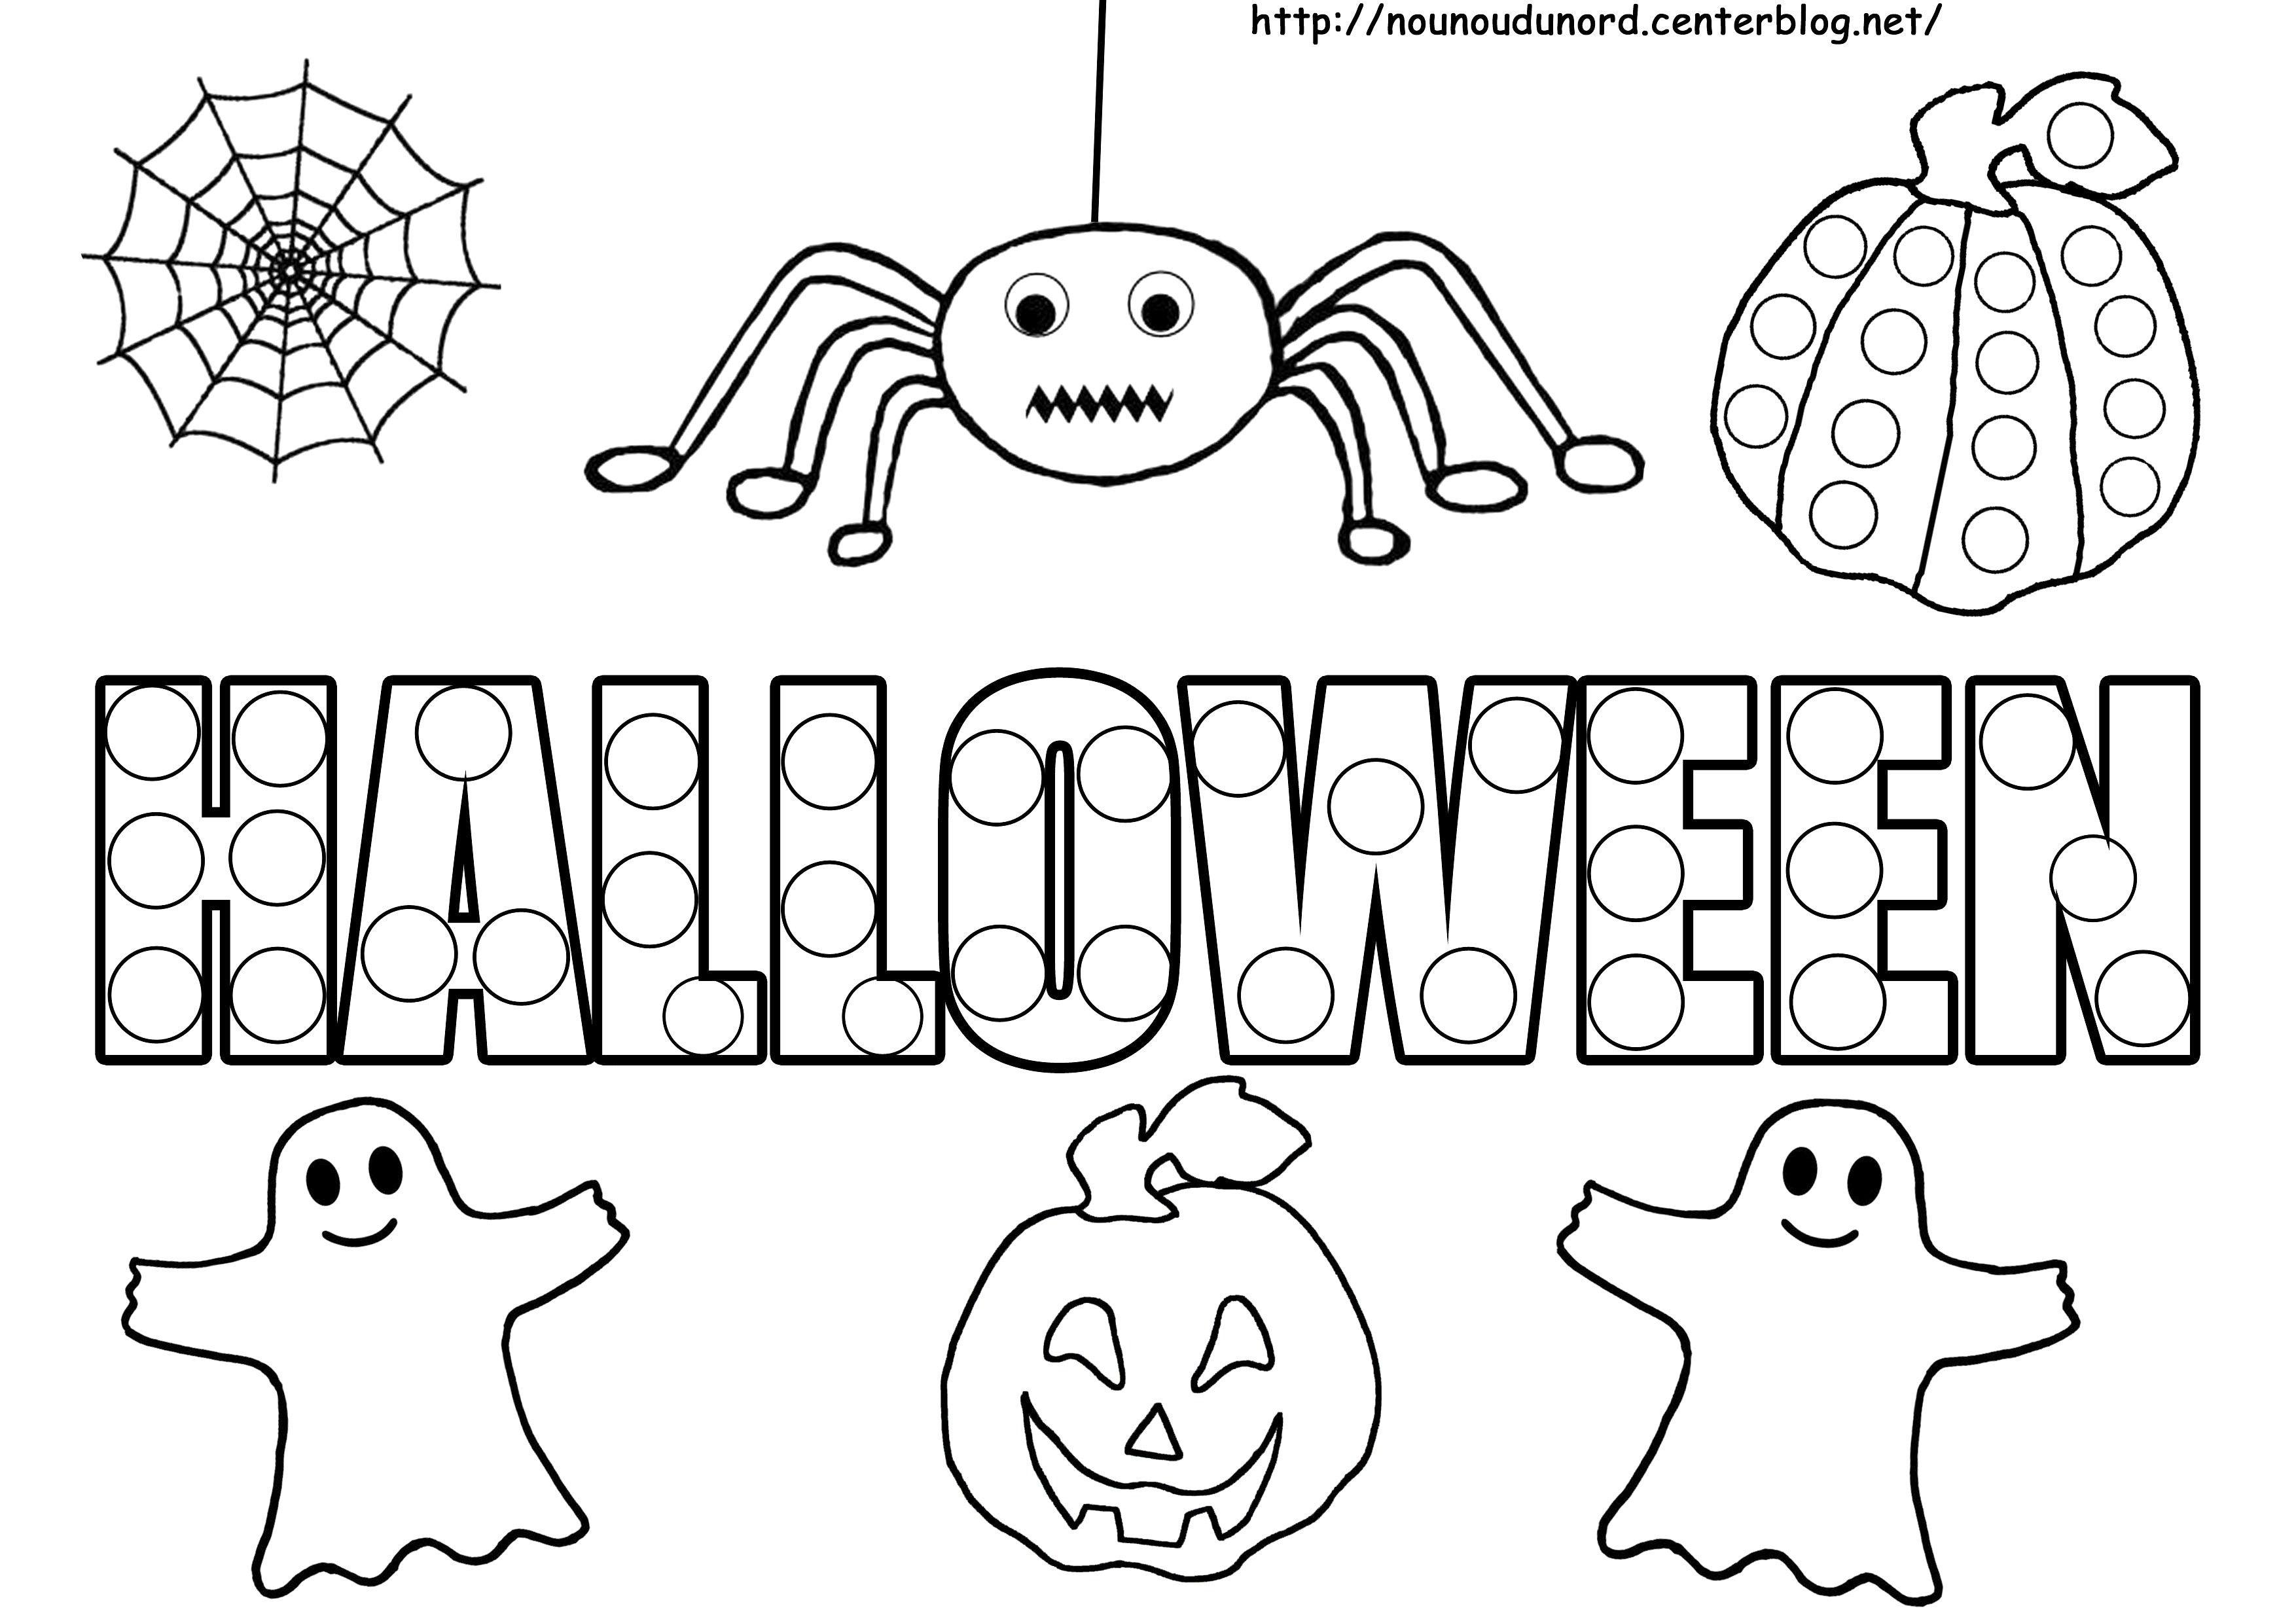 Épinglé par Agnès Pelletier sur Halloween Coloriage